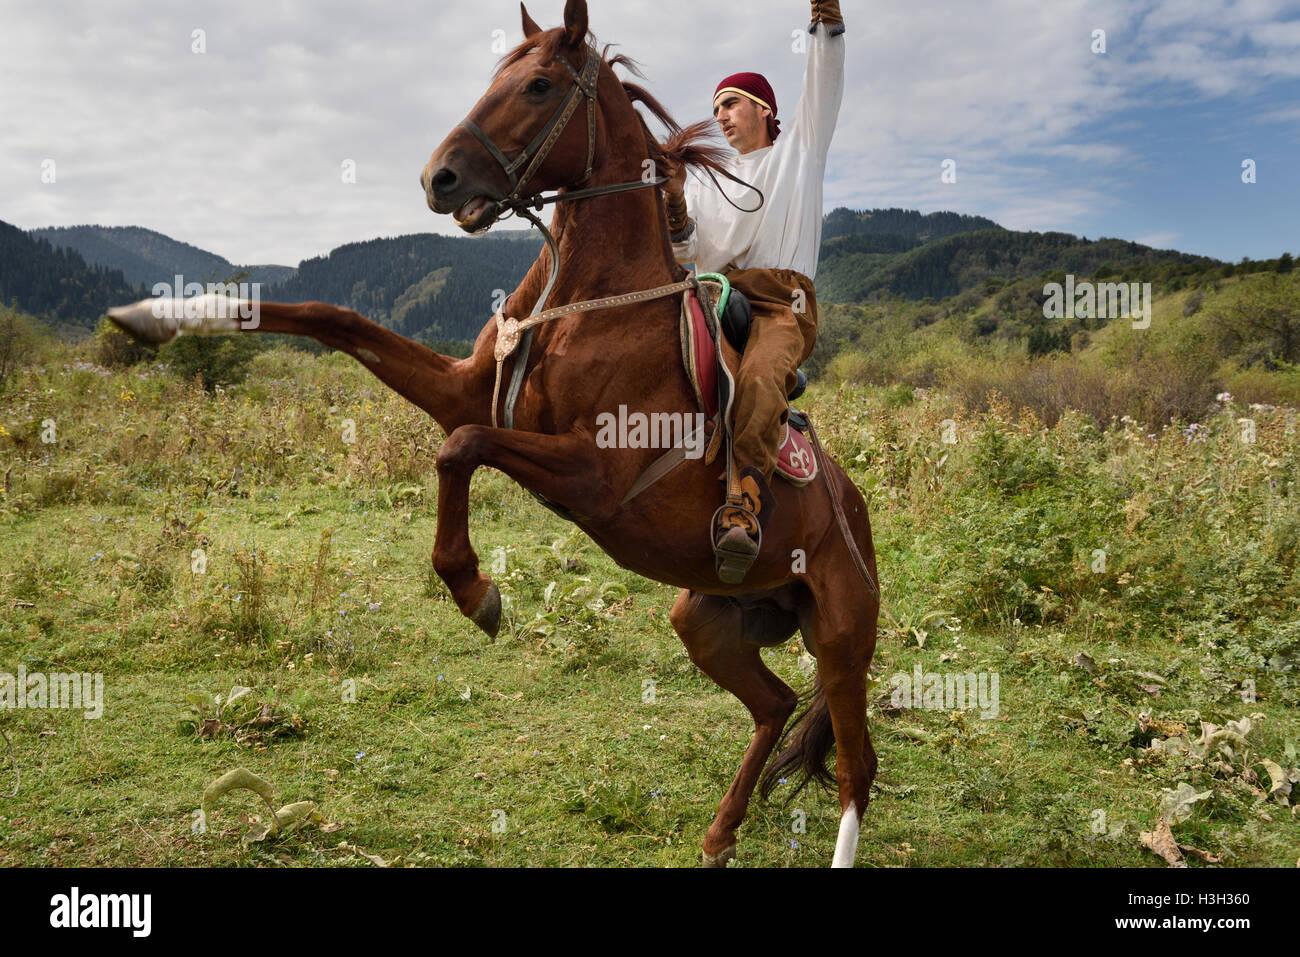 Jinete kazajo levantando el brazo en la cría macho castrado en Hunos village Kazajstán Imagen De Stock